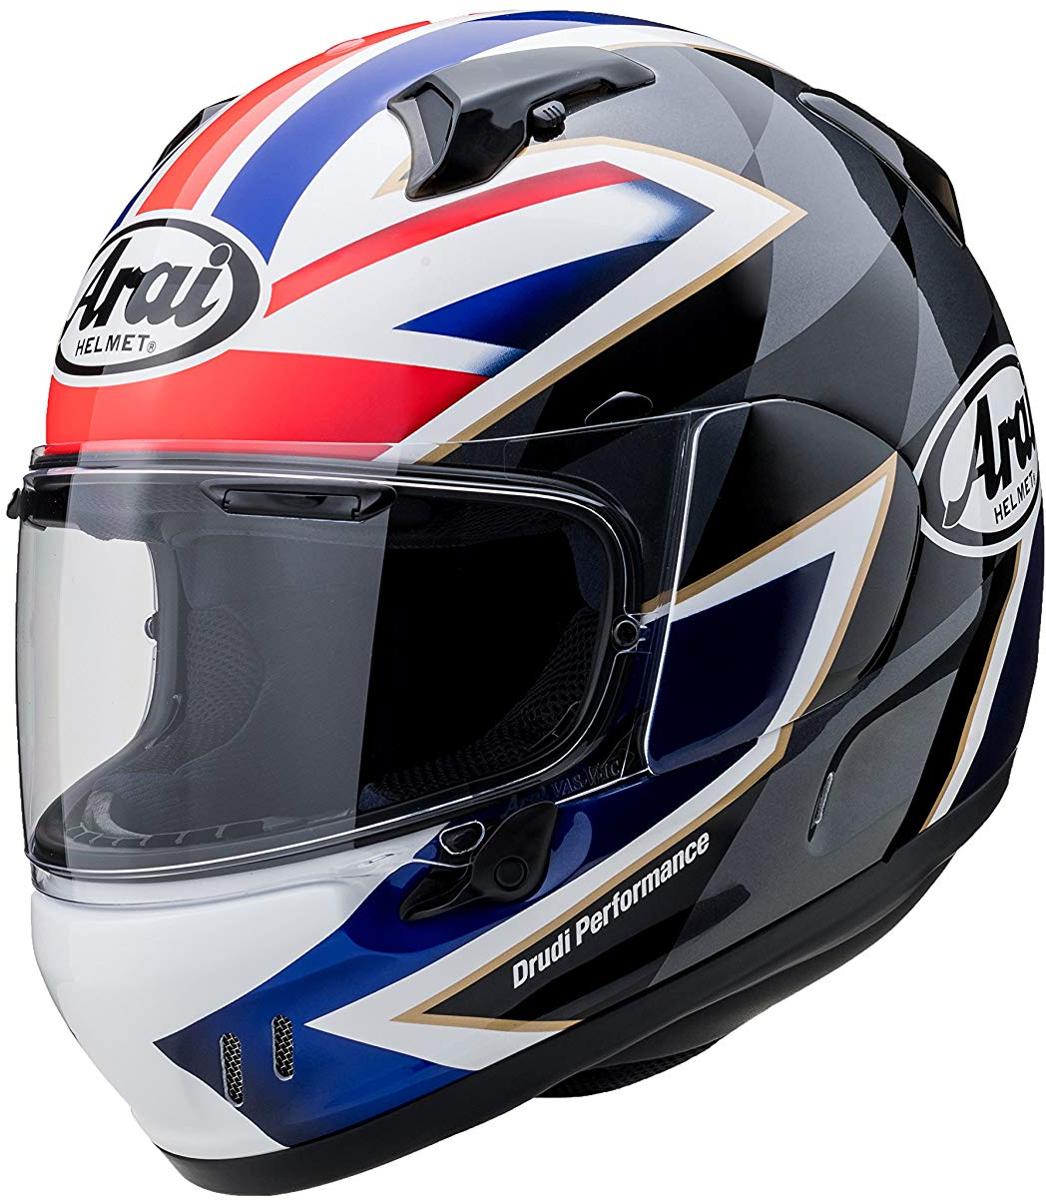 特価ブランド ARAI アライ フルフェイスヘルメット XD (エックスディー) FLAG LEAGUE UK (フラッグ リーグ ユーケー) XSサイズ 54cm, キャットネット パソコンショップ 29453df5